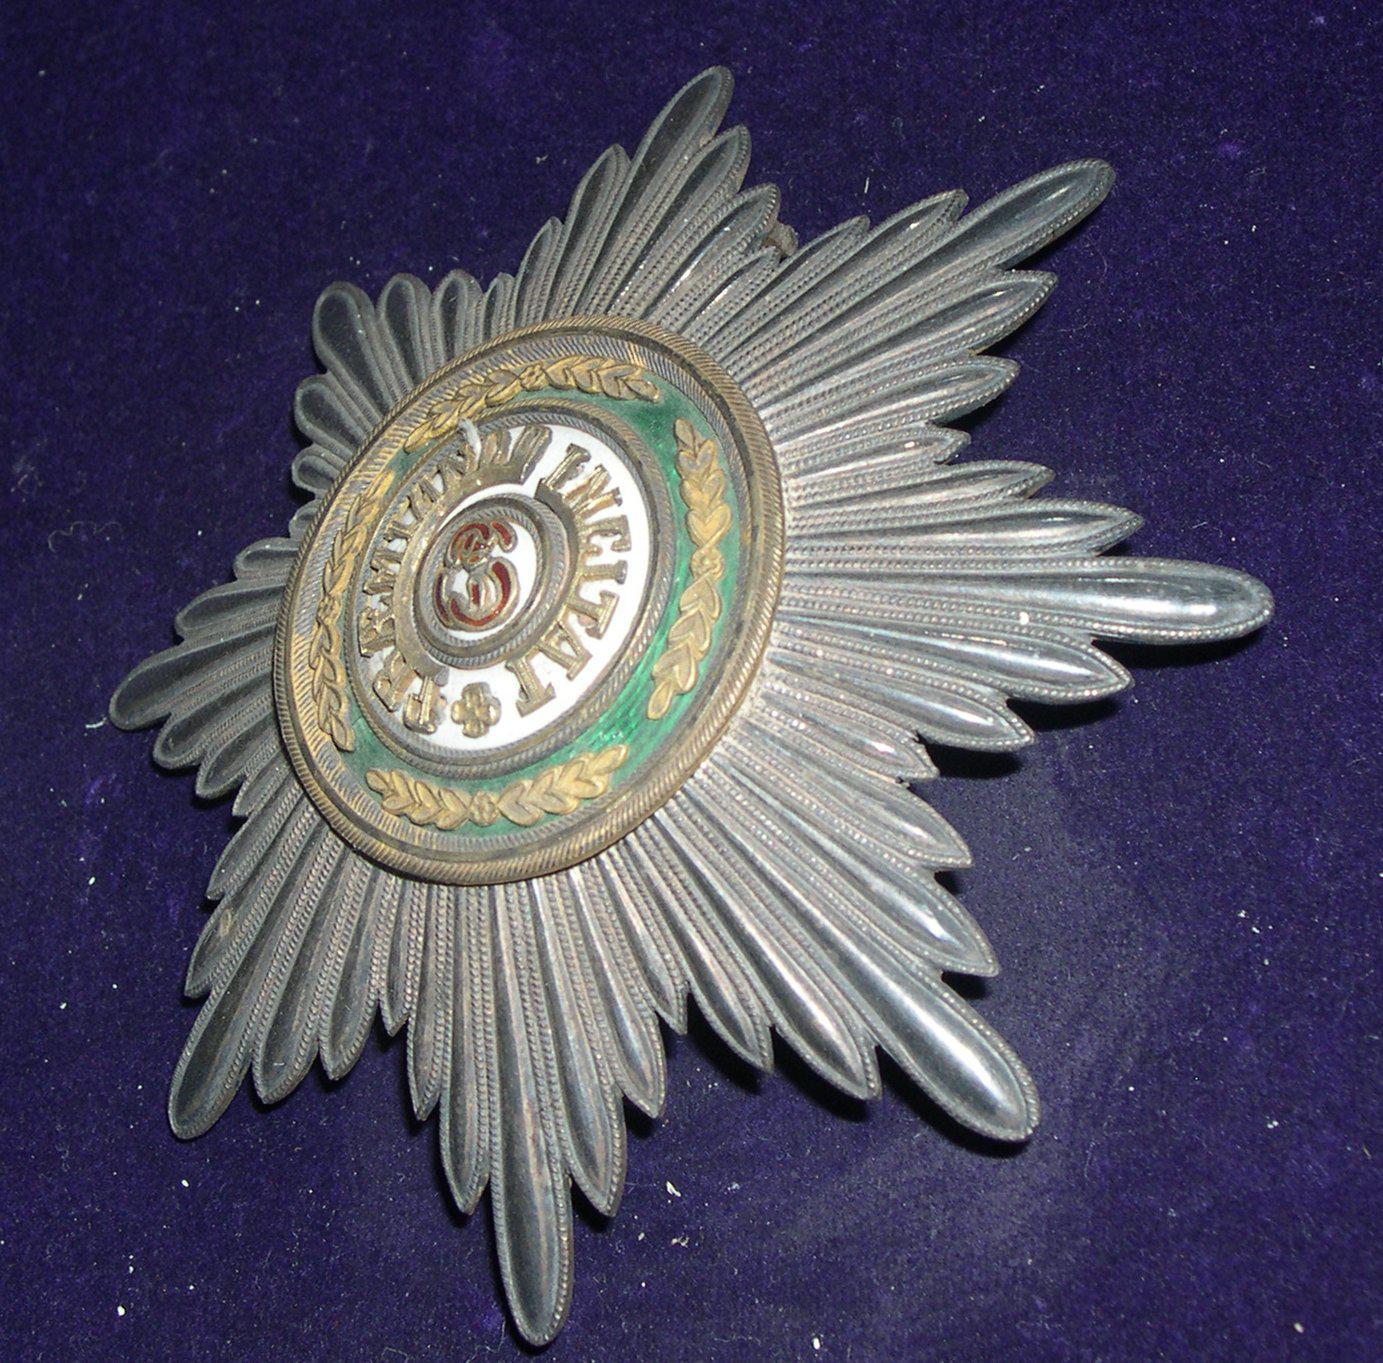 Звезда ордена Св. Станислава